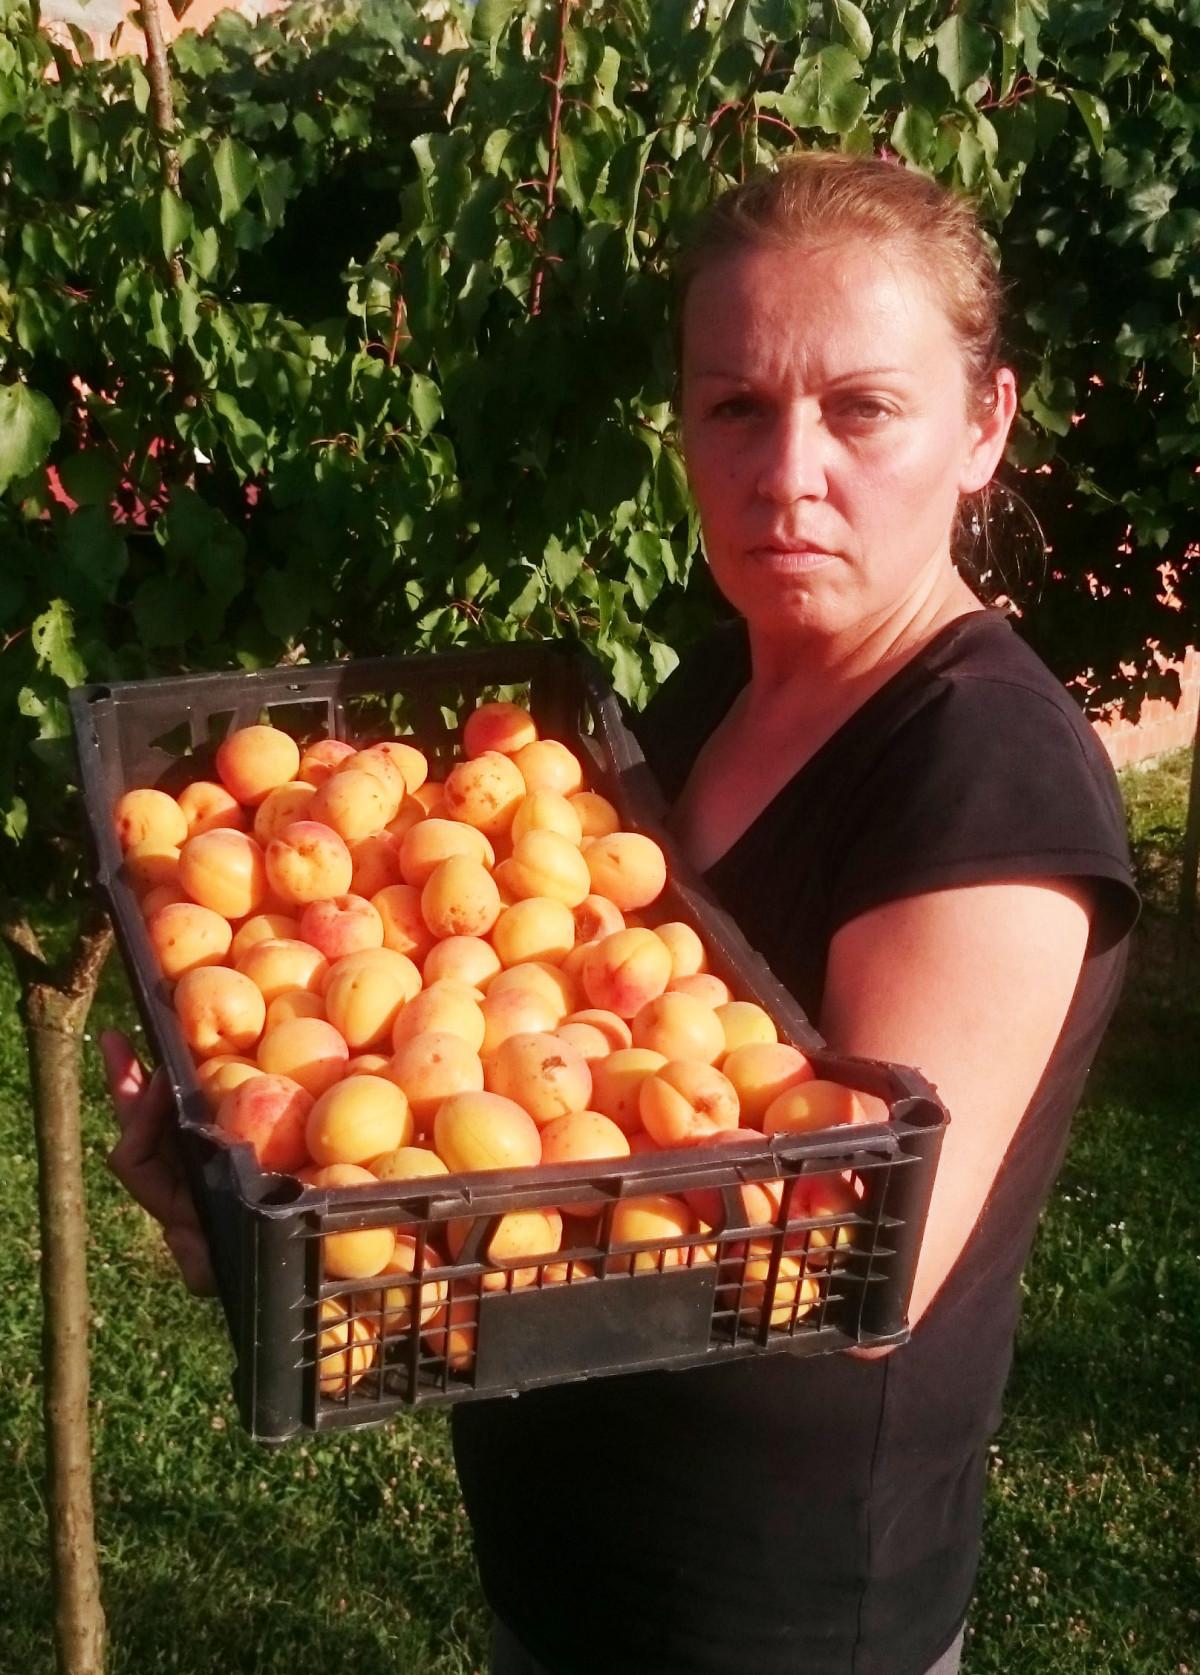 Puno plodova poklonjeno rodbini i prijateljima (56575)